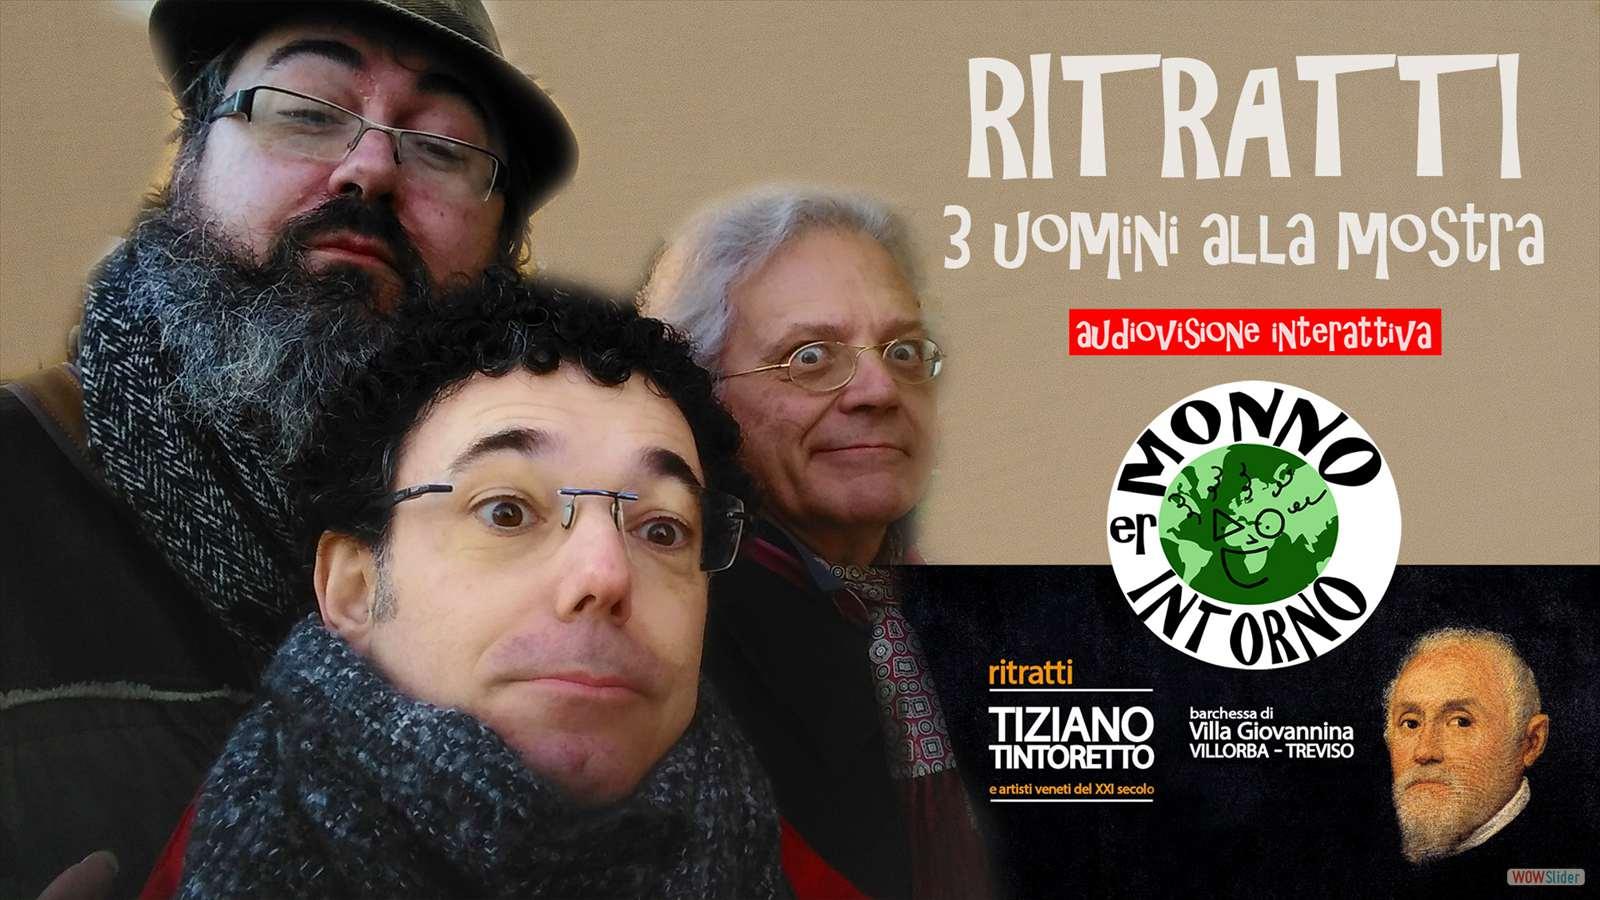 00 RITRATTI - Er Monno intorno in audiovisione!